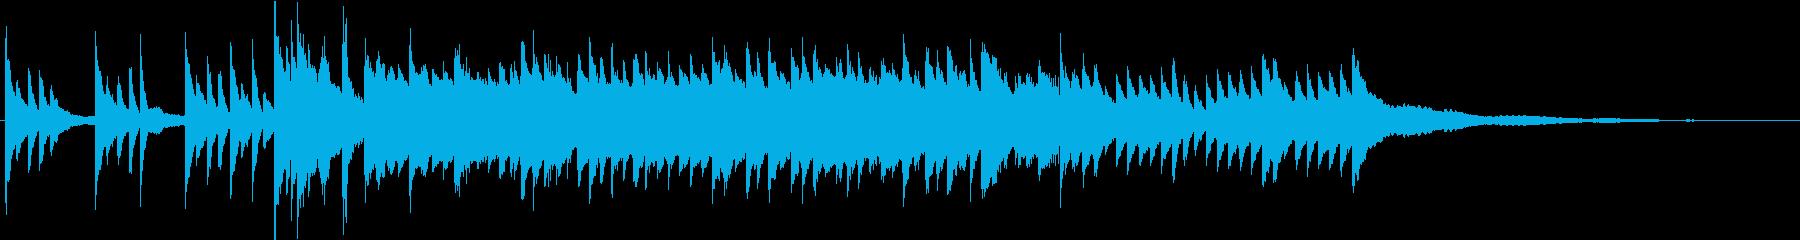 切ないブライダルBGM60秒ピアノソロの再生済みの波形